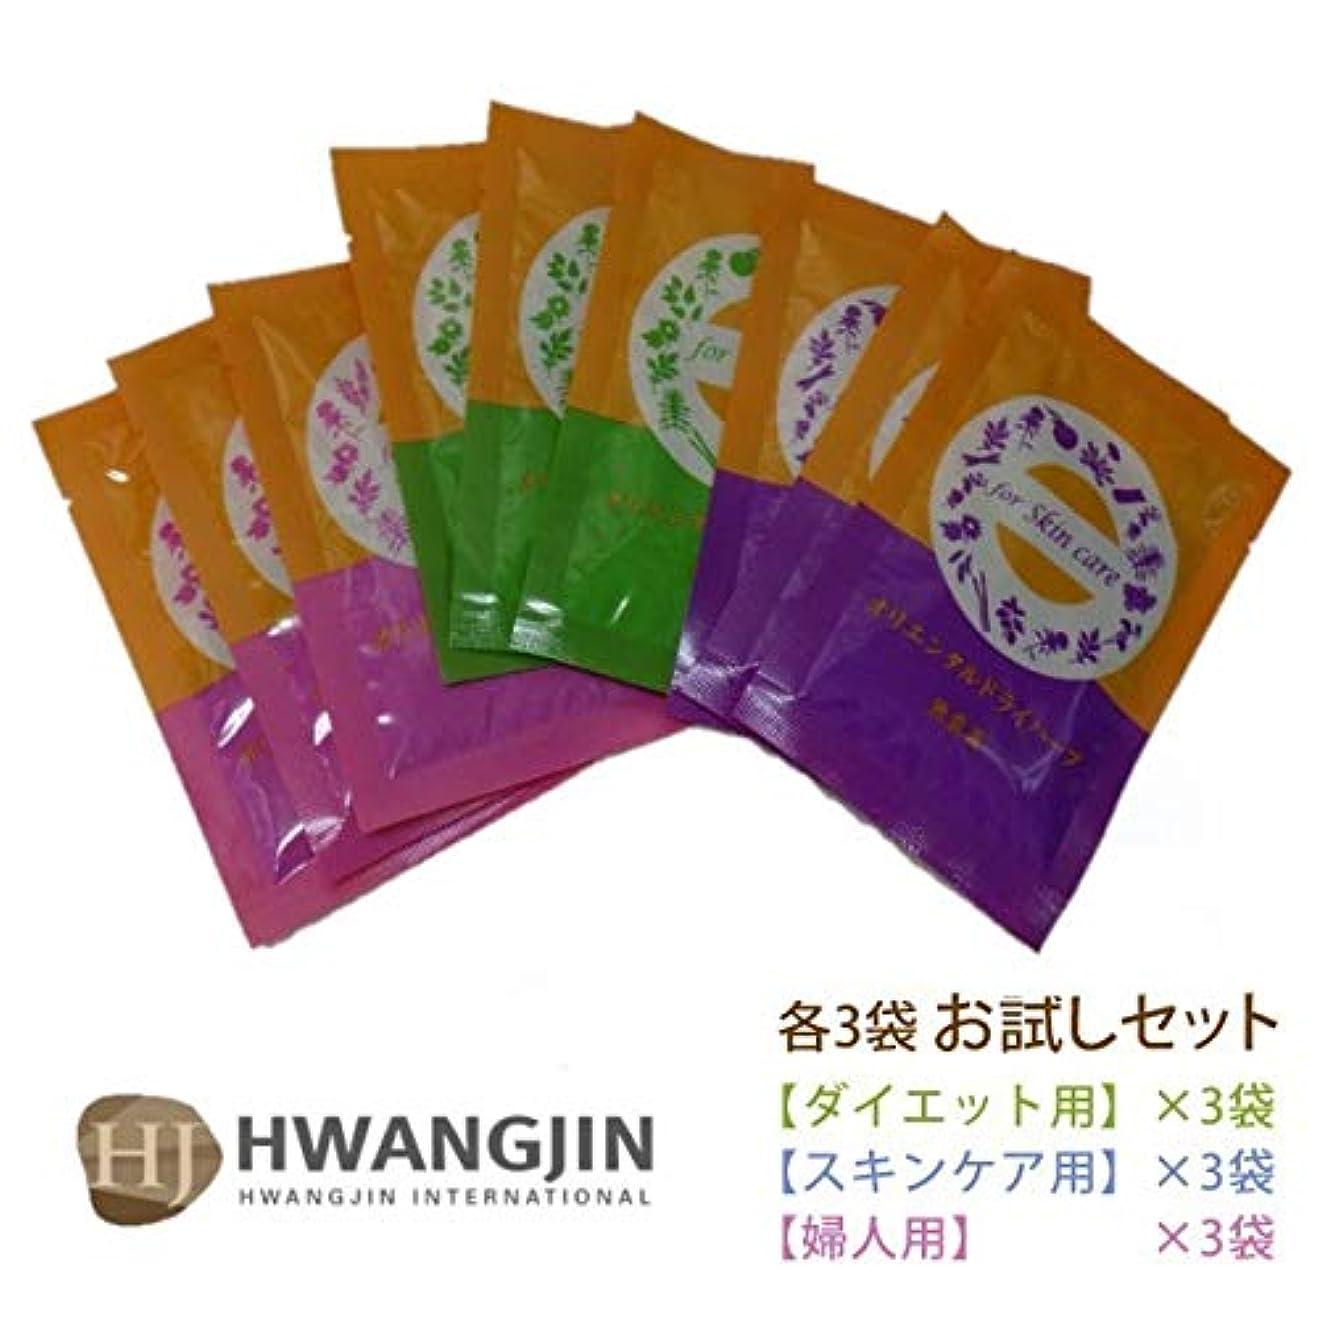 共産主義バックグラウンド電極ファンジン黄土 座浴剤 9袋 正規品 (3種(ダイエット、女性、皮膚美容)各3 計9袋)